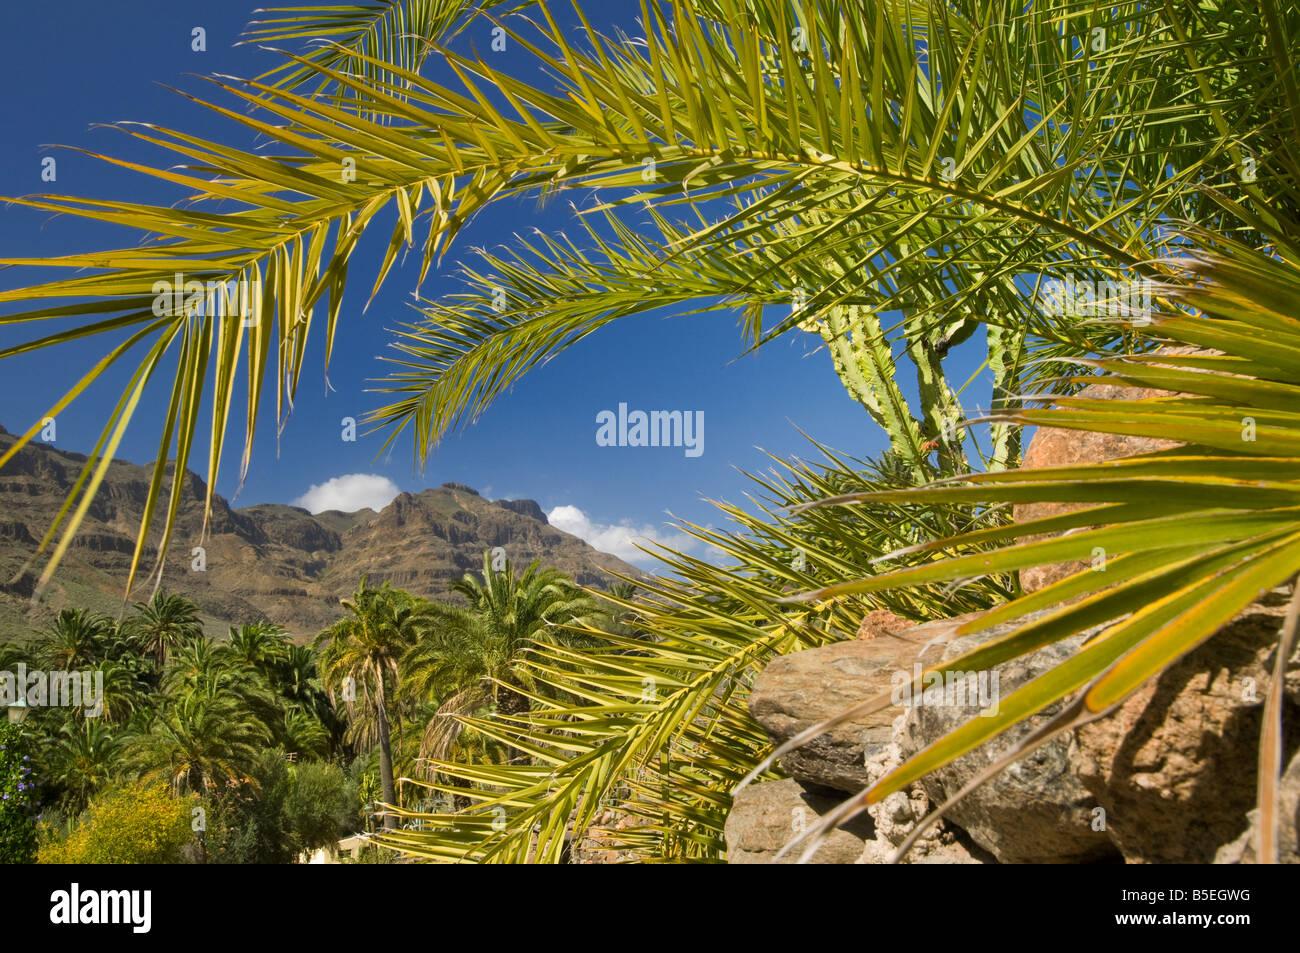 Eine sonnige natürliche Oase mit Palmen in der Nähe von Fataga, in den Bergen von Gran Canaria Kanaren Stockbild